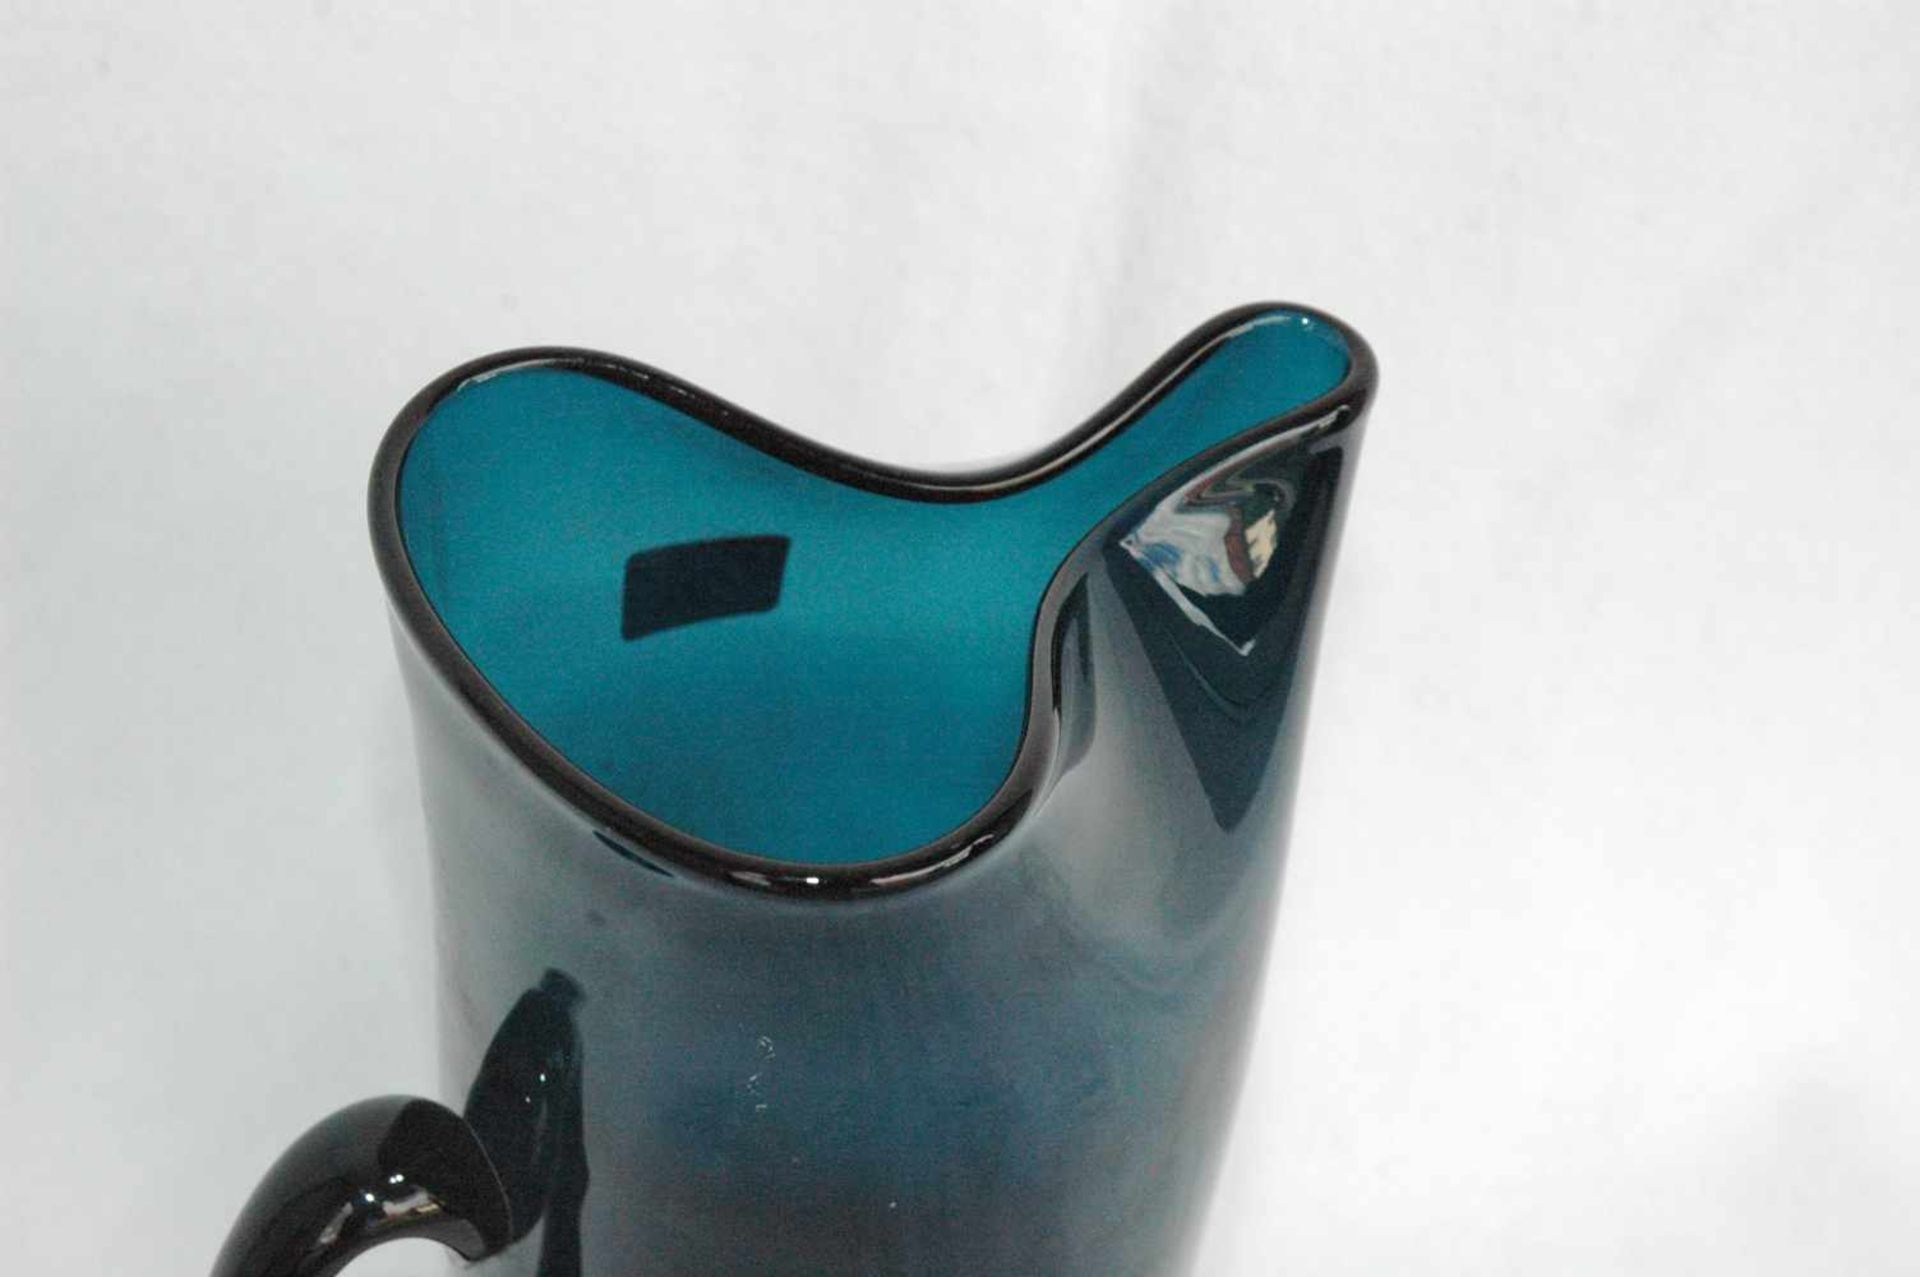 Blaue Glaskanne, Abriß ausgeschliffen, Günche gedrückte Form, h= 25 cm - Bild 3 aus 4